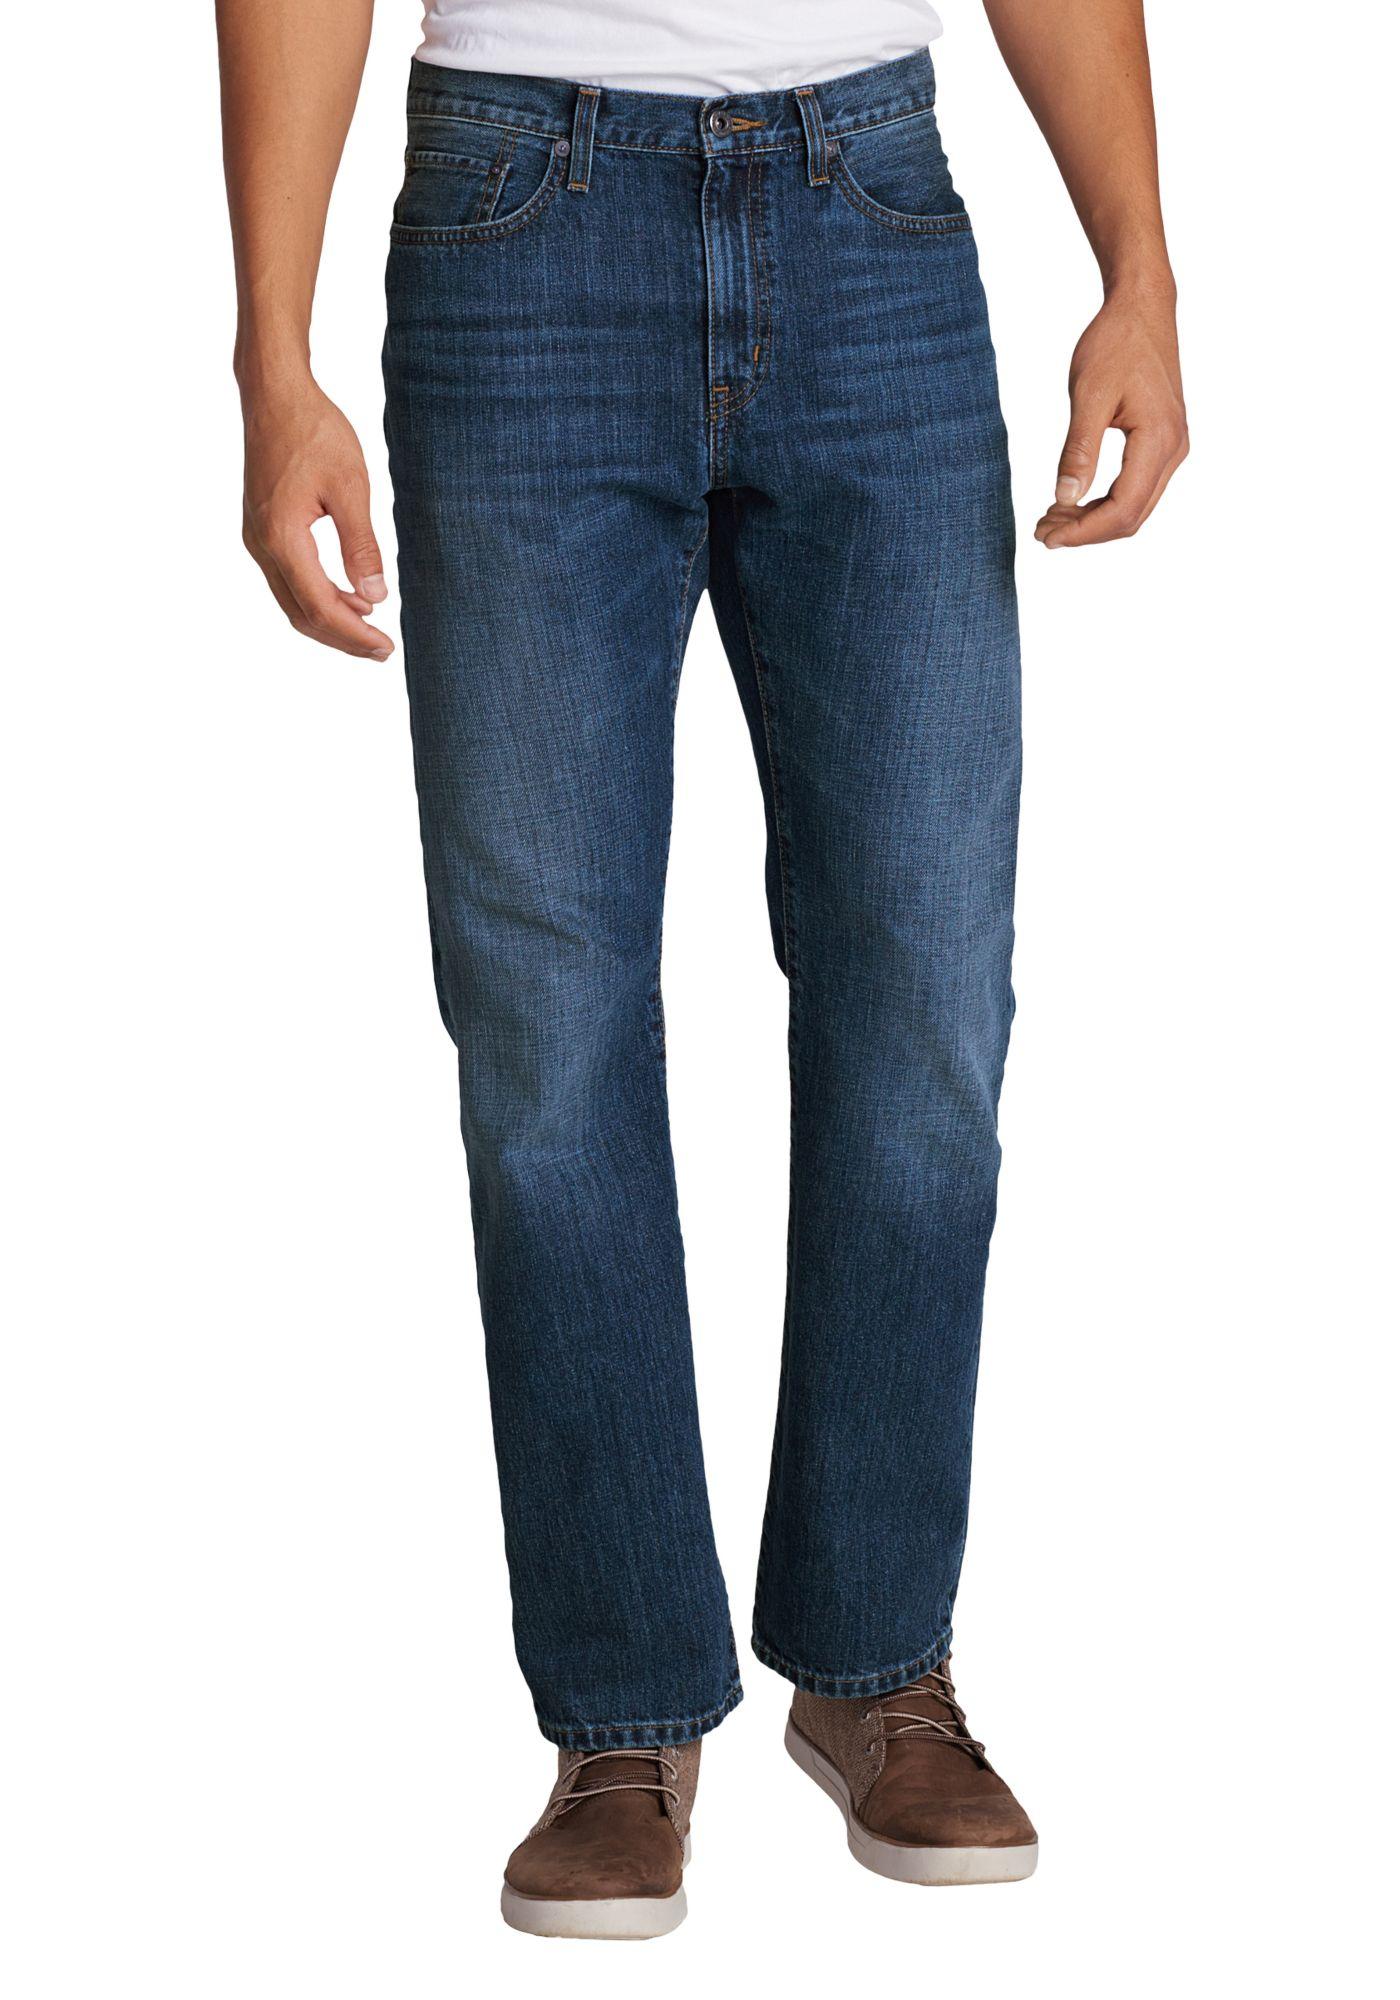 EDDIE BAUER Eddie Bauer Authentic Jeans-Straight Fit